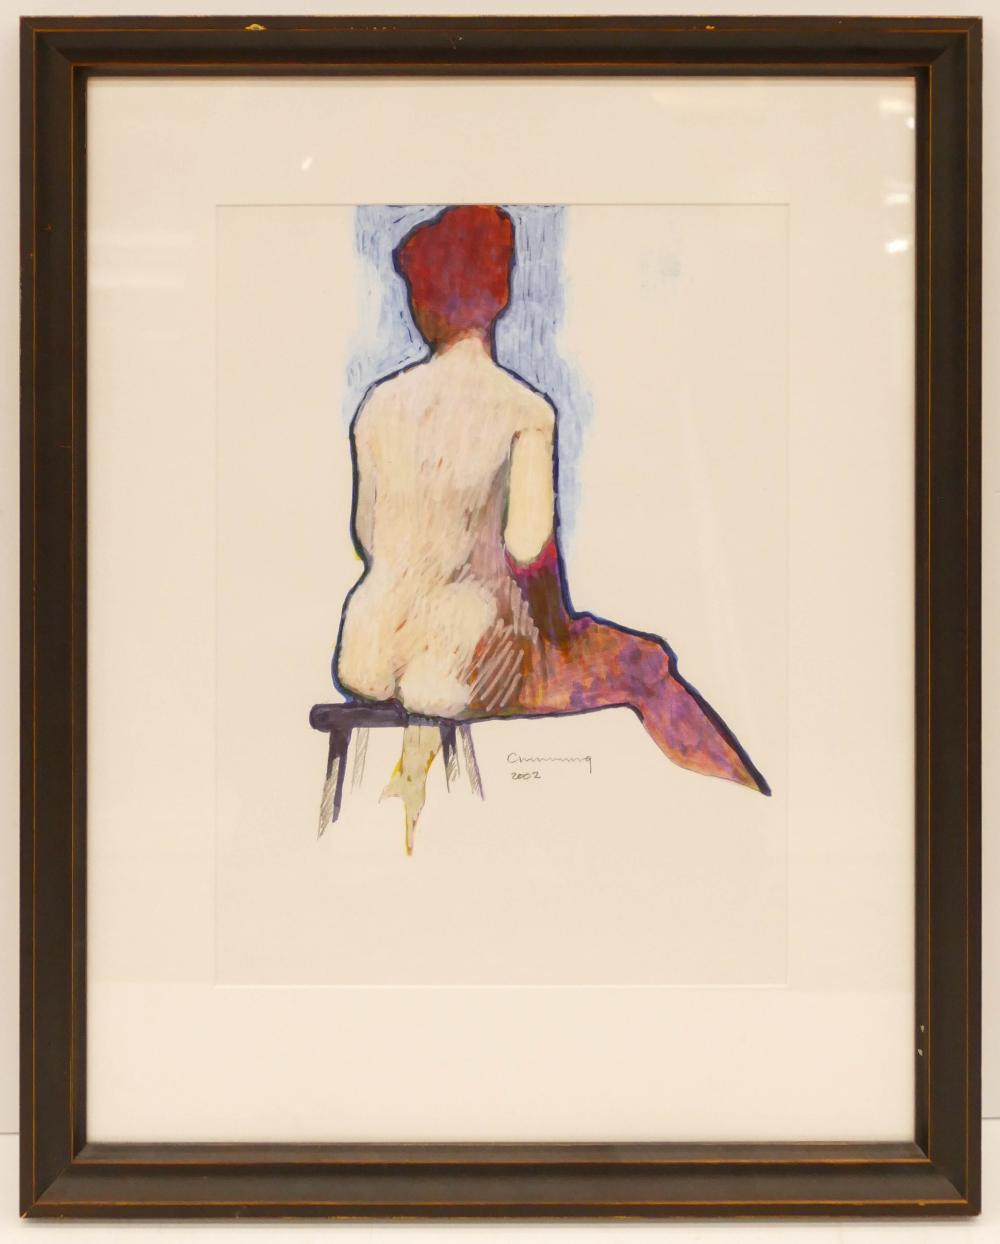 William Cumming ''Seated Nude'' 2002 Mixed Media